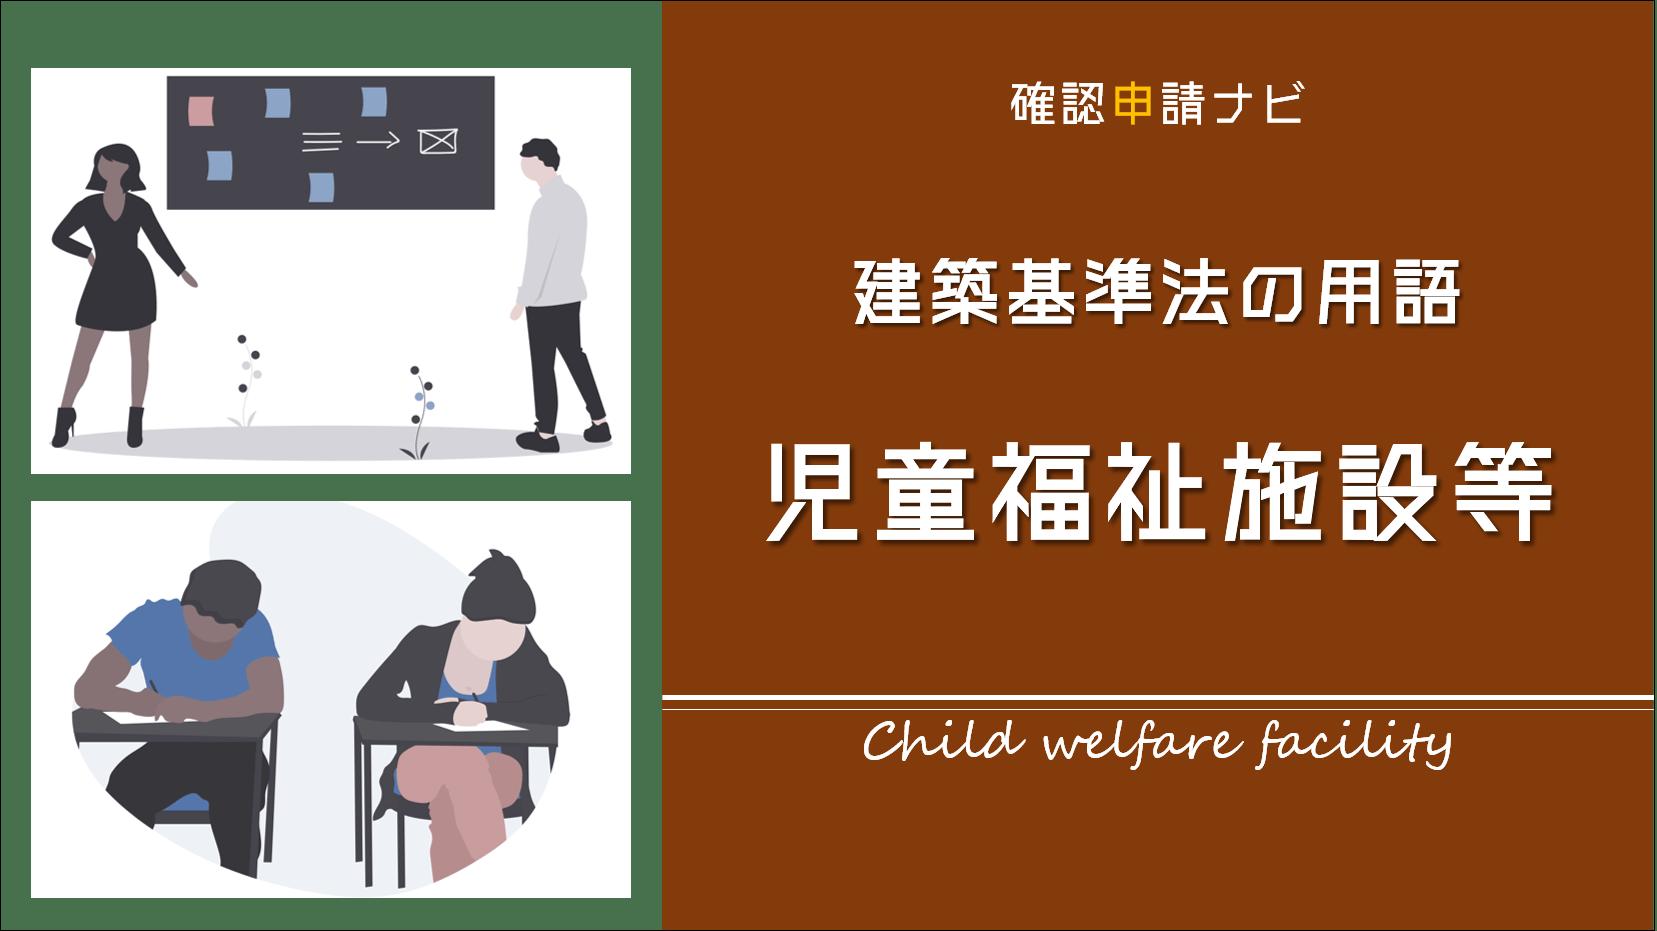 児童福祉施設等_建築基準法